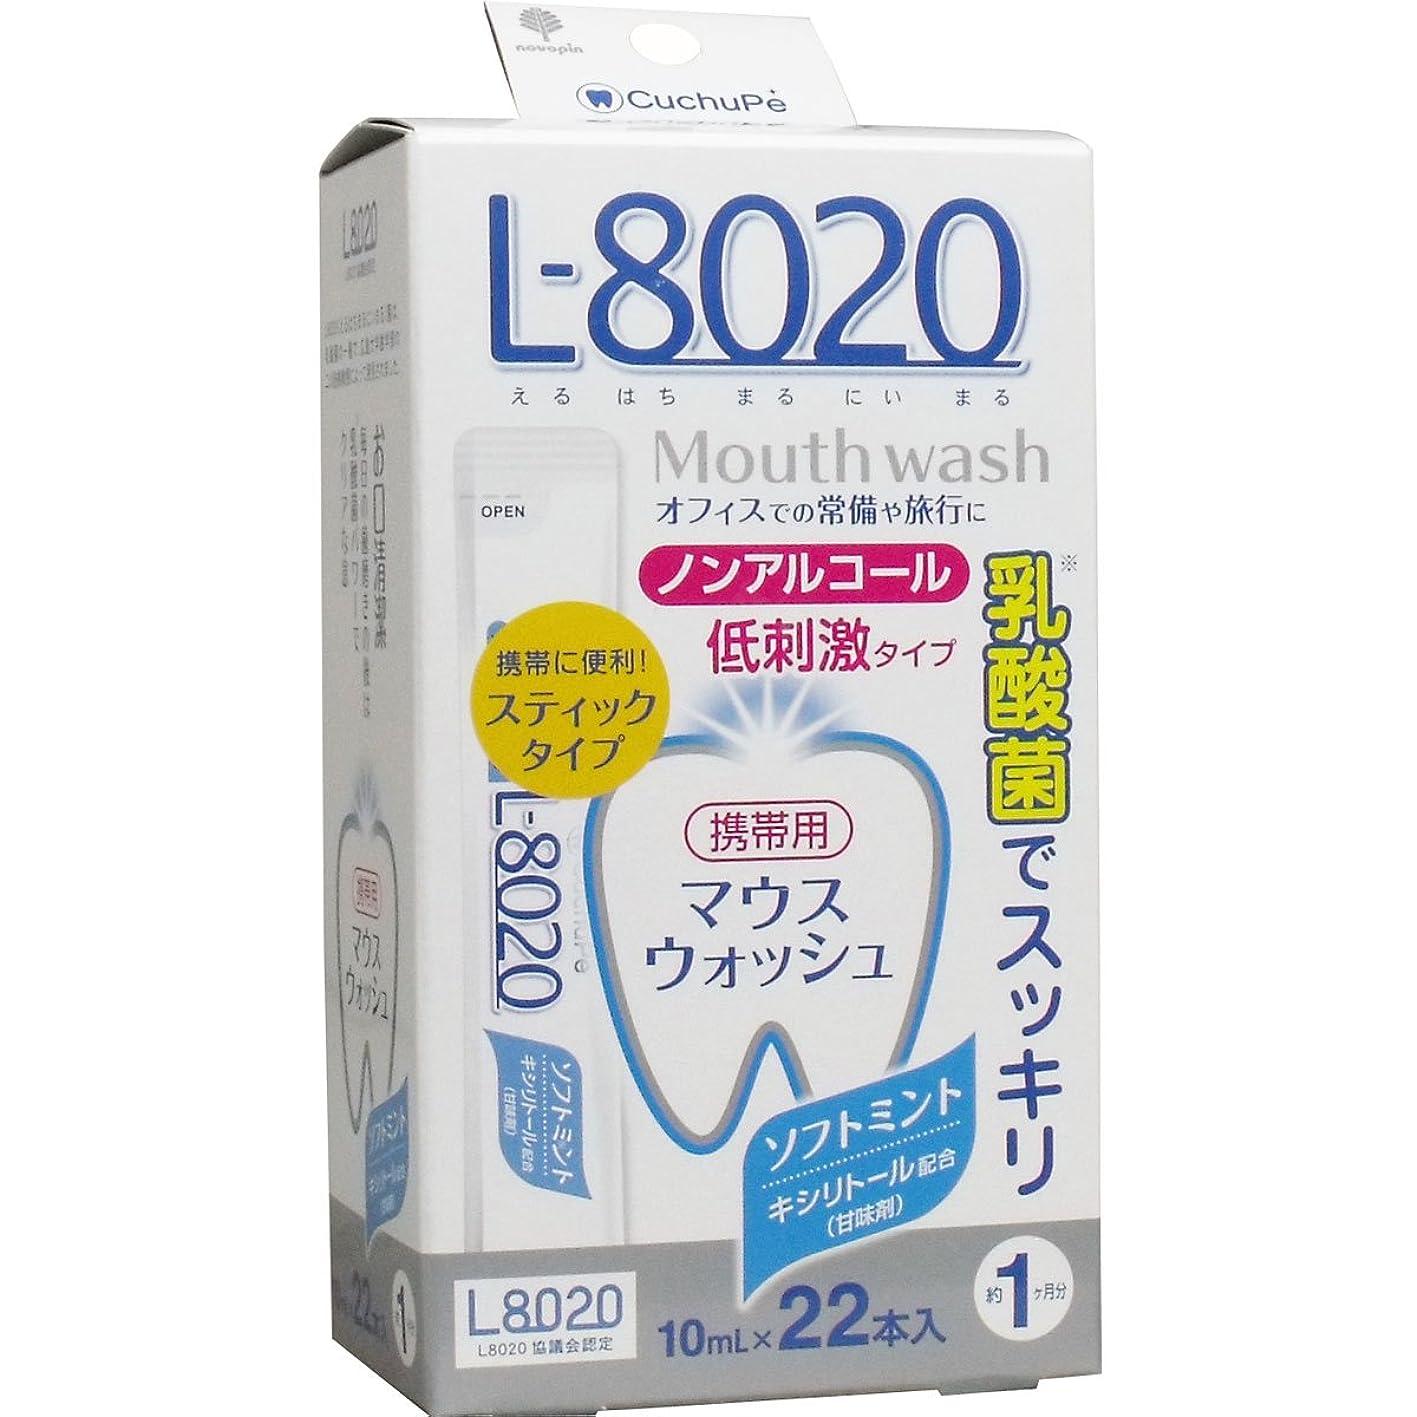 肝学習者拍車クチュッペ L-8020 マウスウォッシュ ソフトミント スティックタイプ 22本入